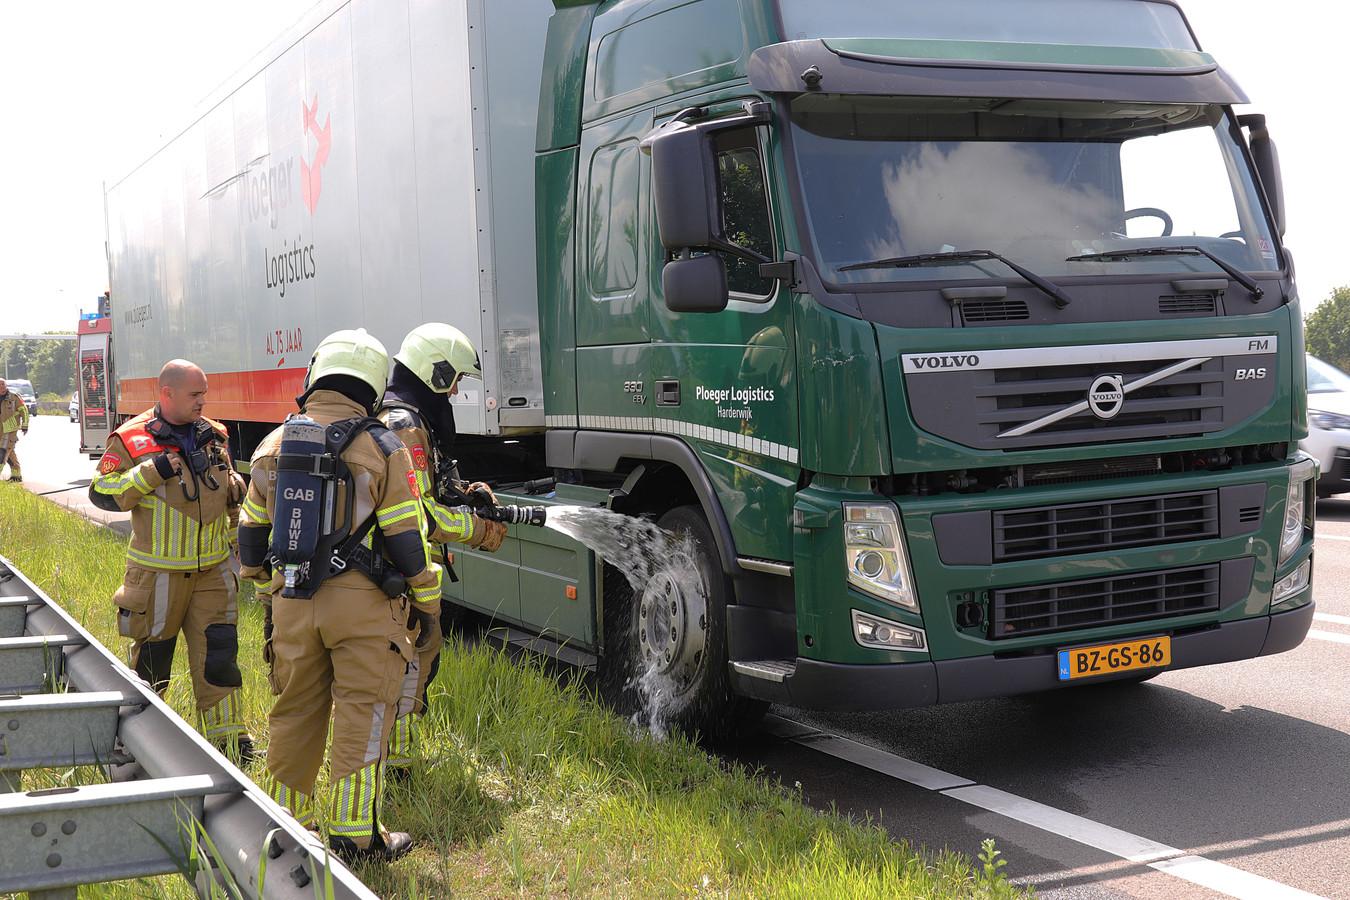 De brandweer koelt de remmen van de vrachtwagen